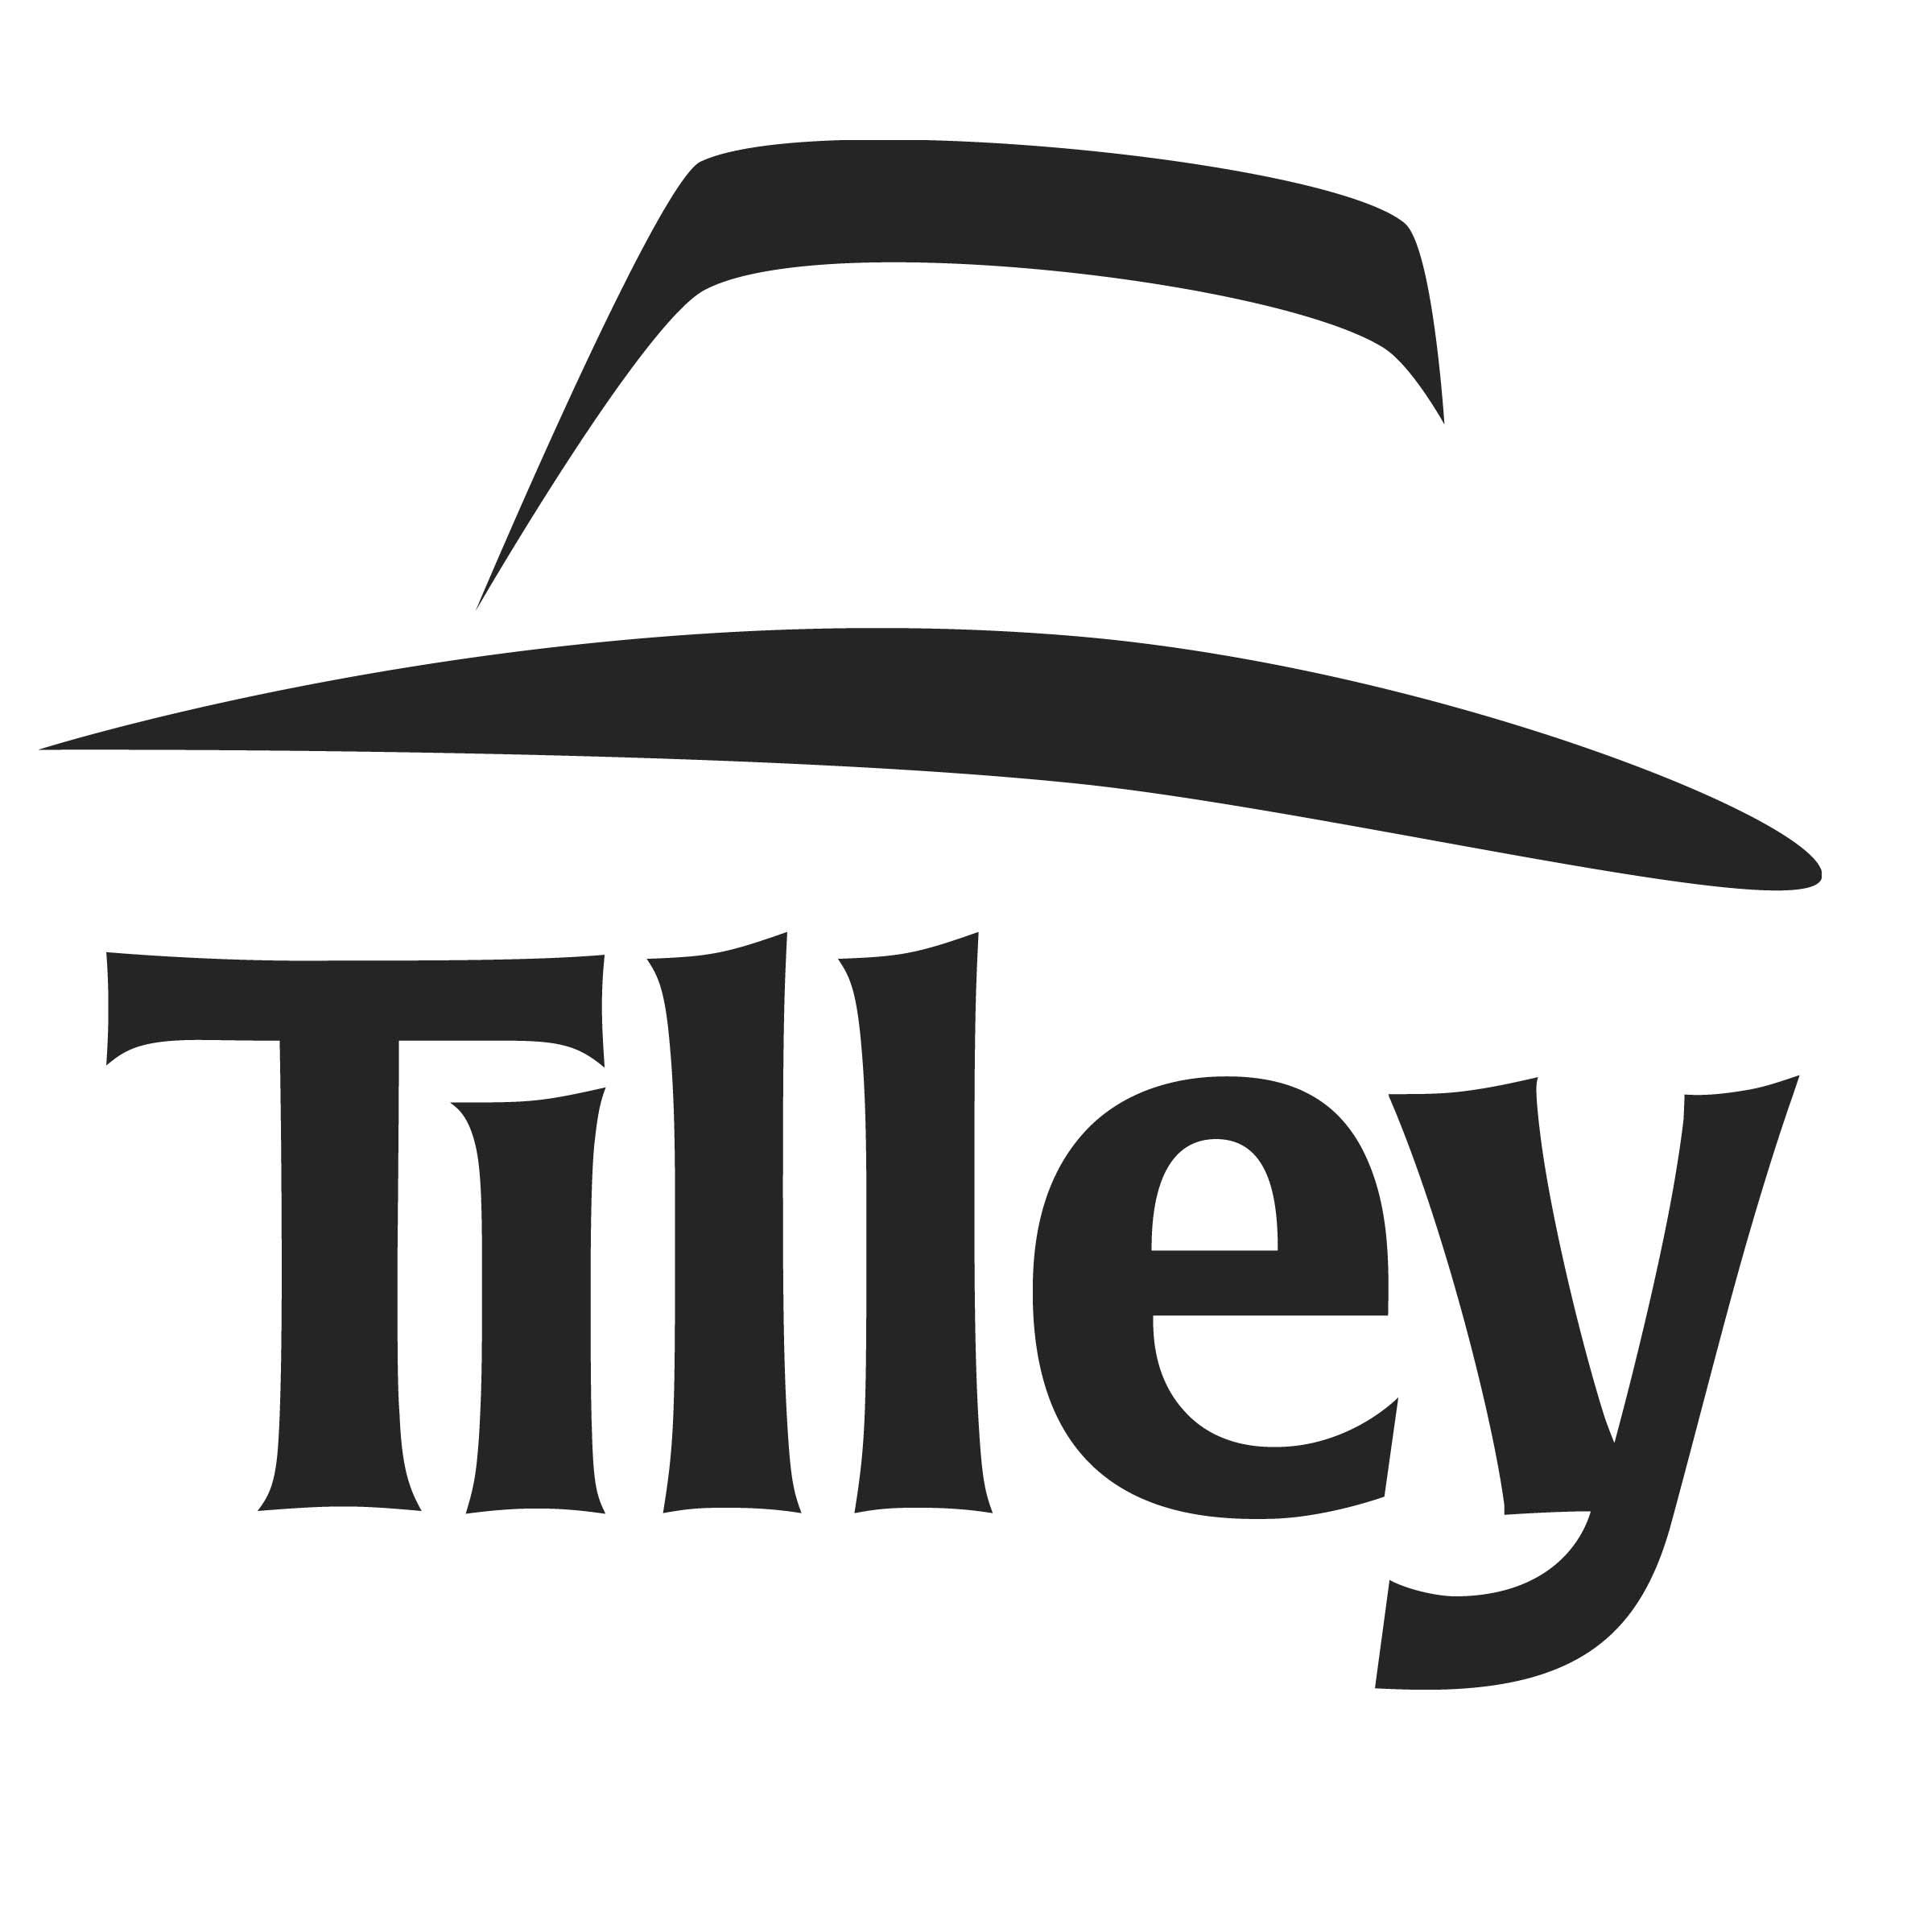 Tilley.jpg